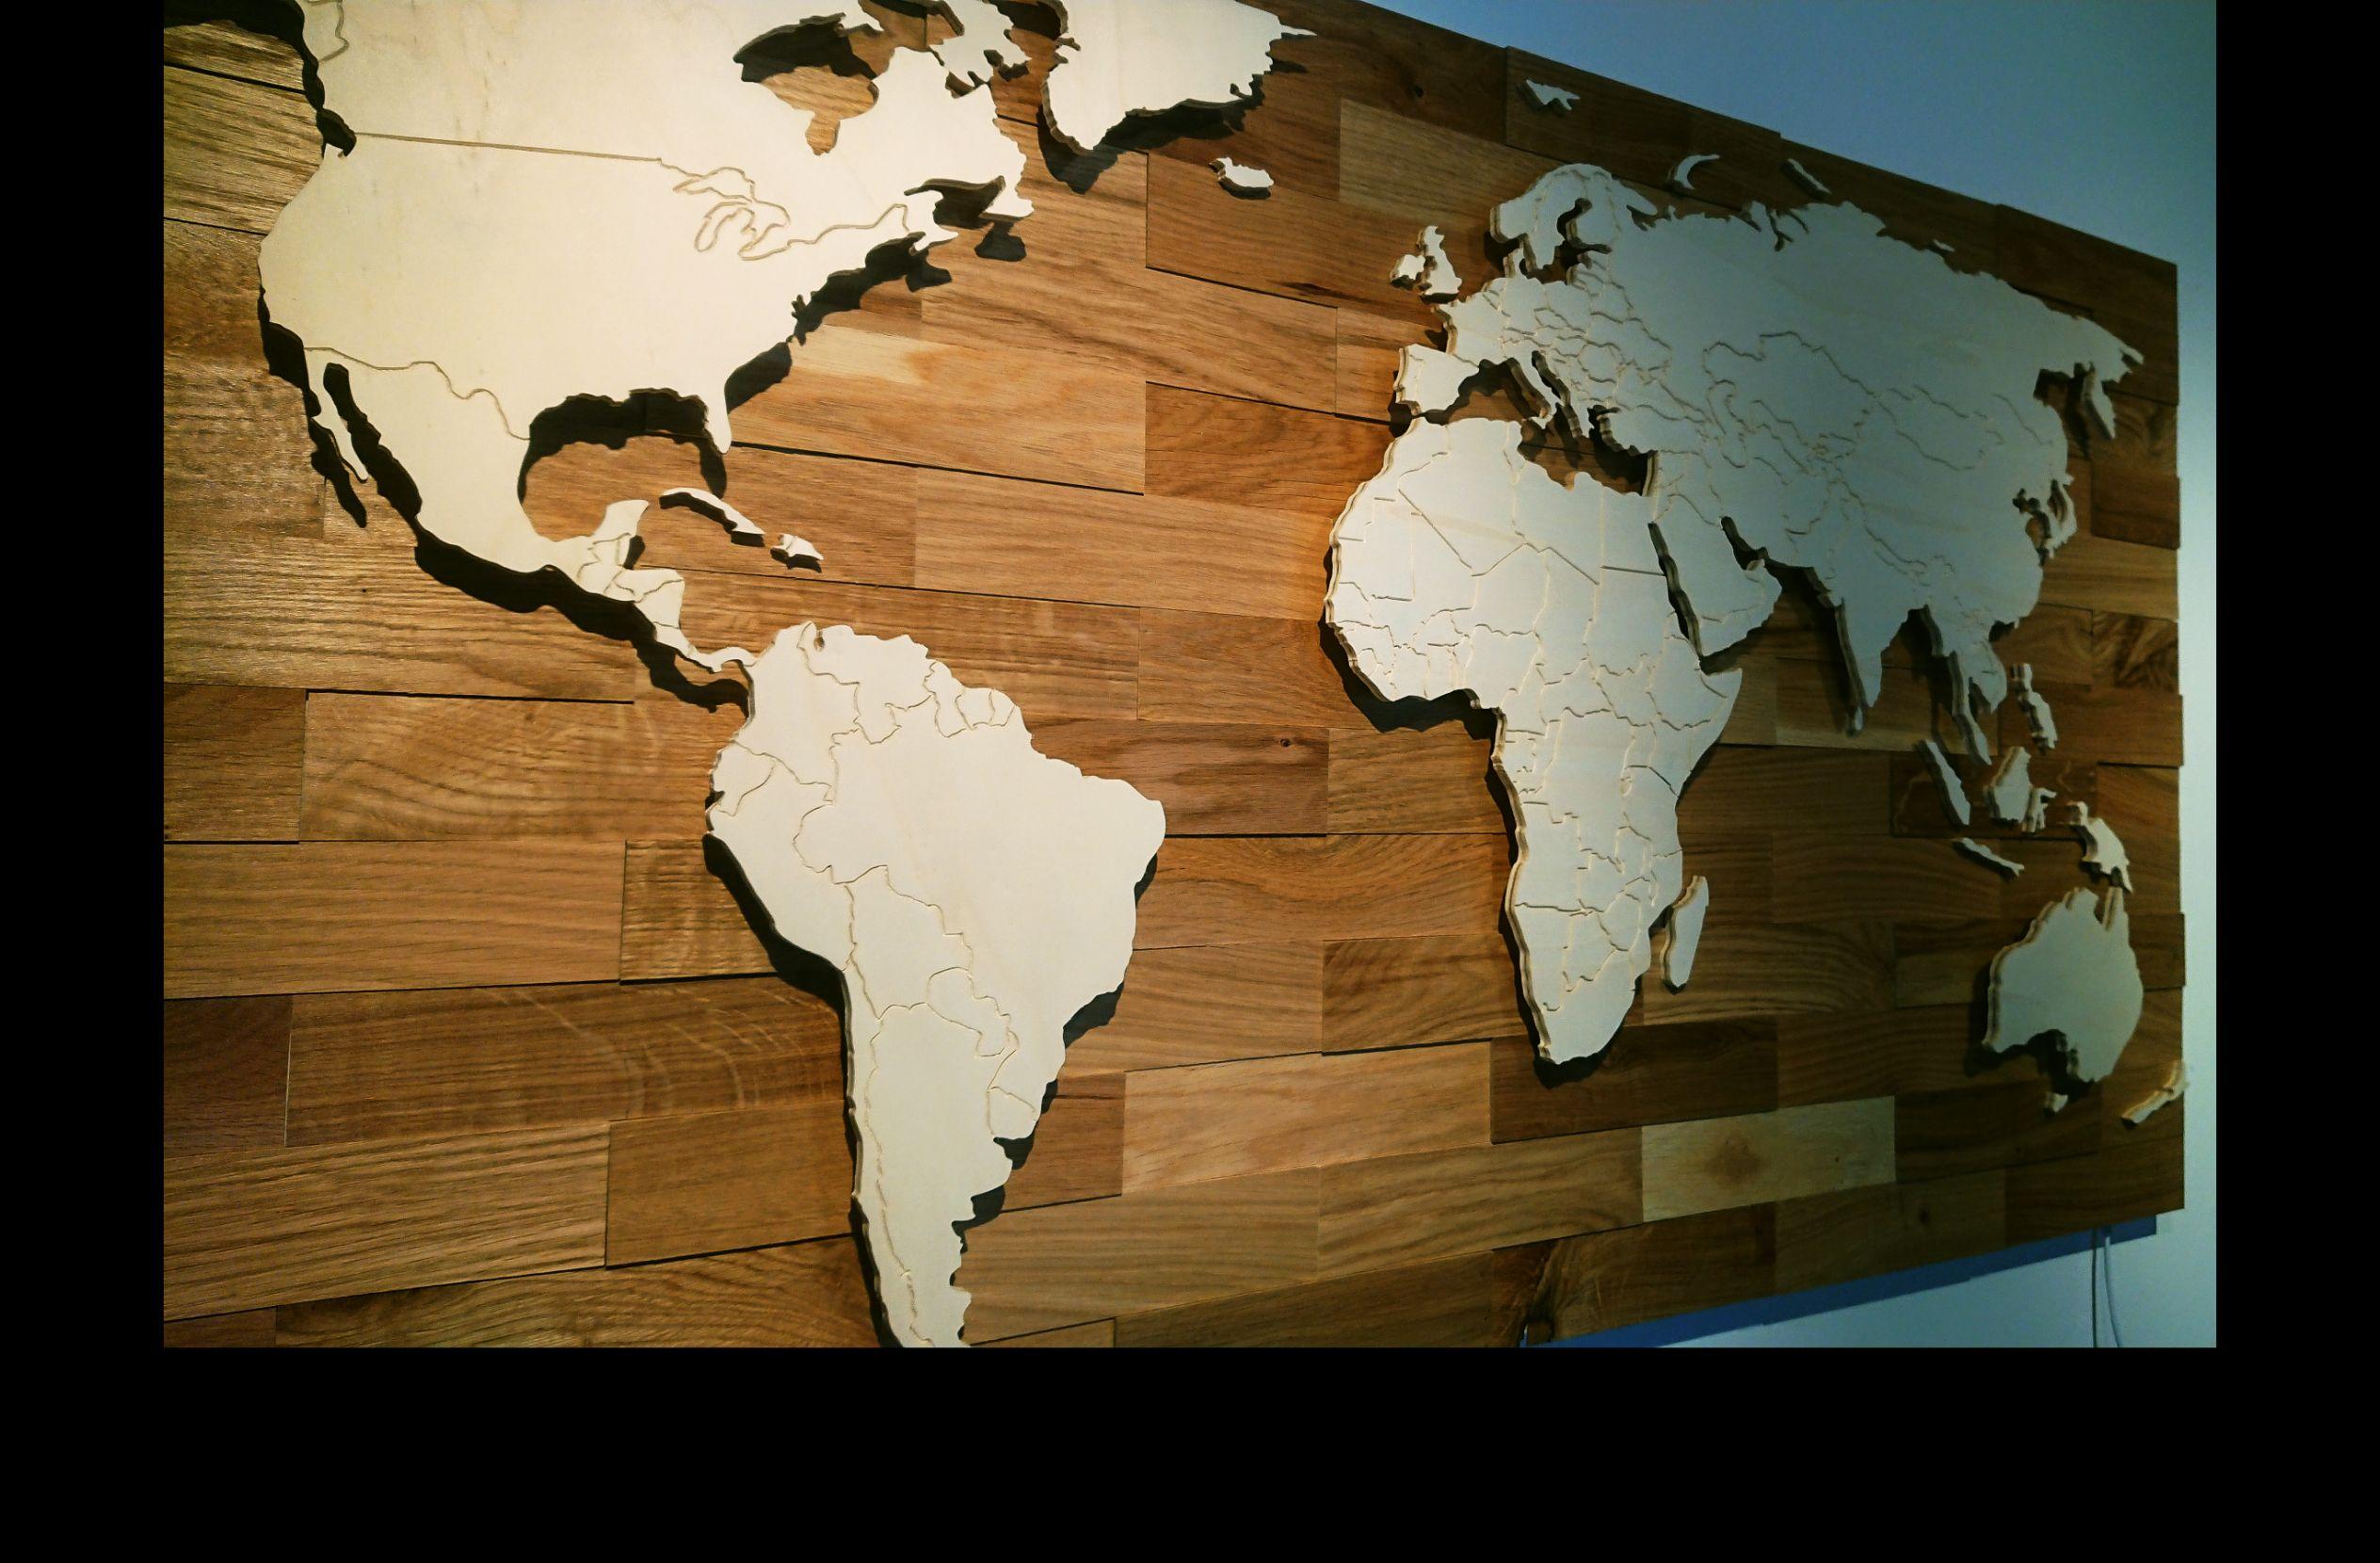 3d Weltkarte Aus Holz Mit Landergrenzen Und Led Beleuchtung Die Karte Ist Wifi Fahig Und Lasst Sich Mit Eine Weltkarte Aus Holz Led Beleuchtung Eiche Rustikal